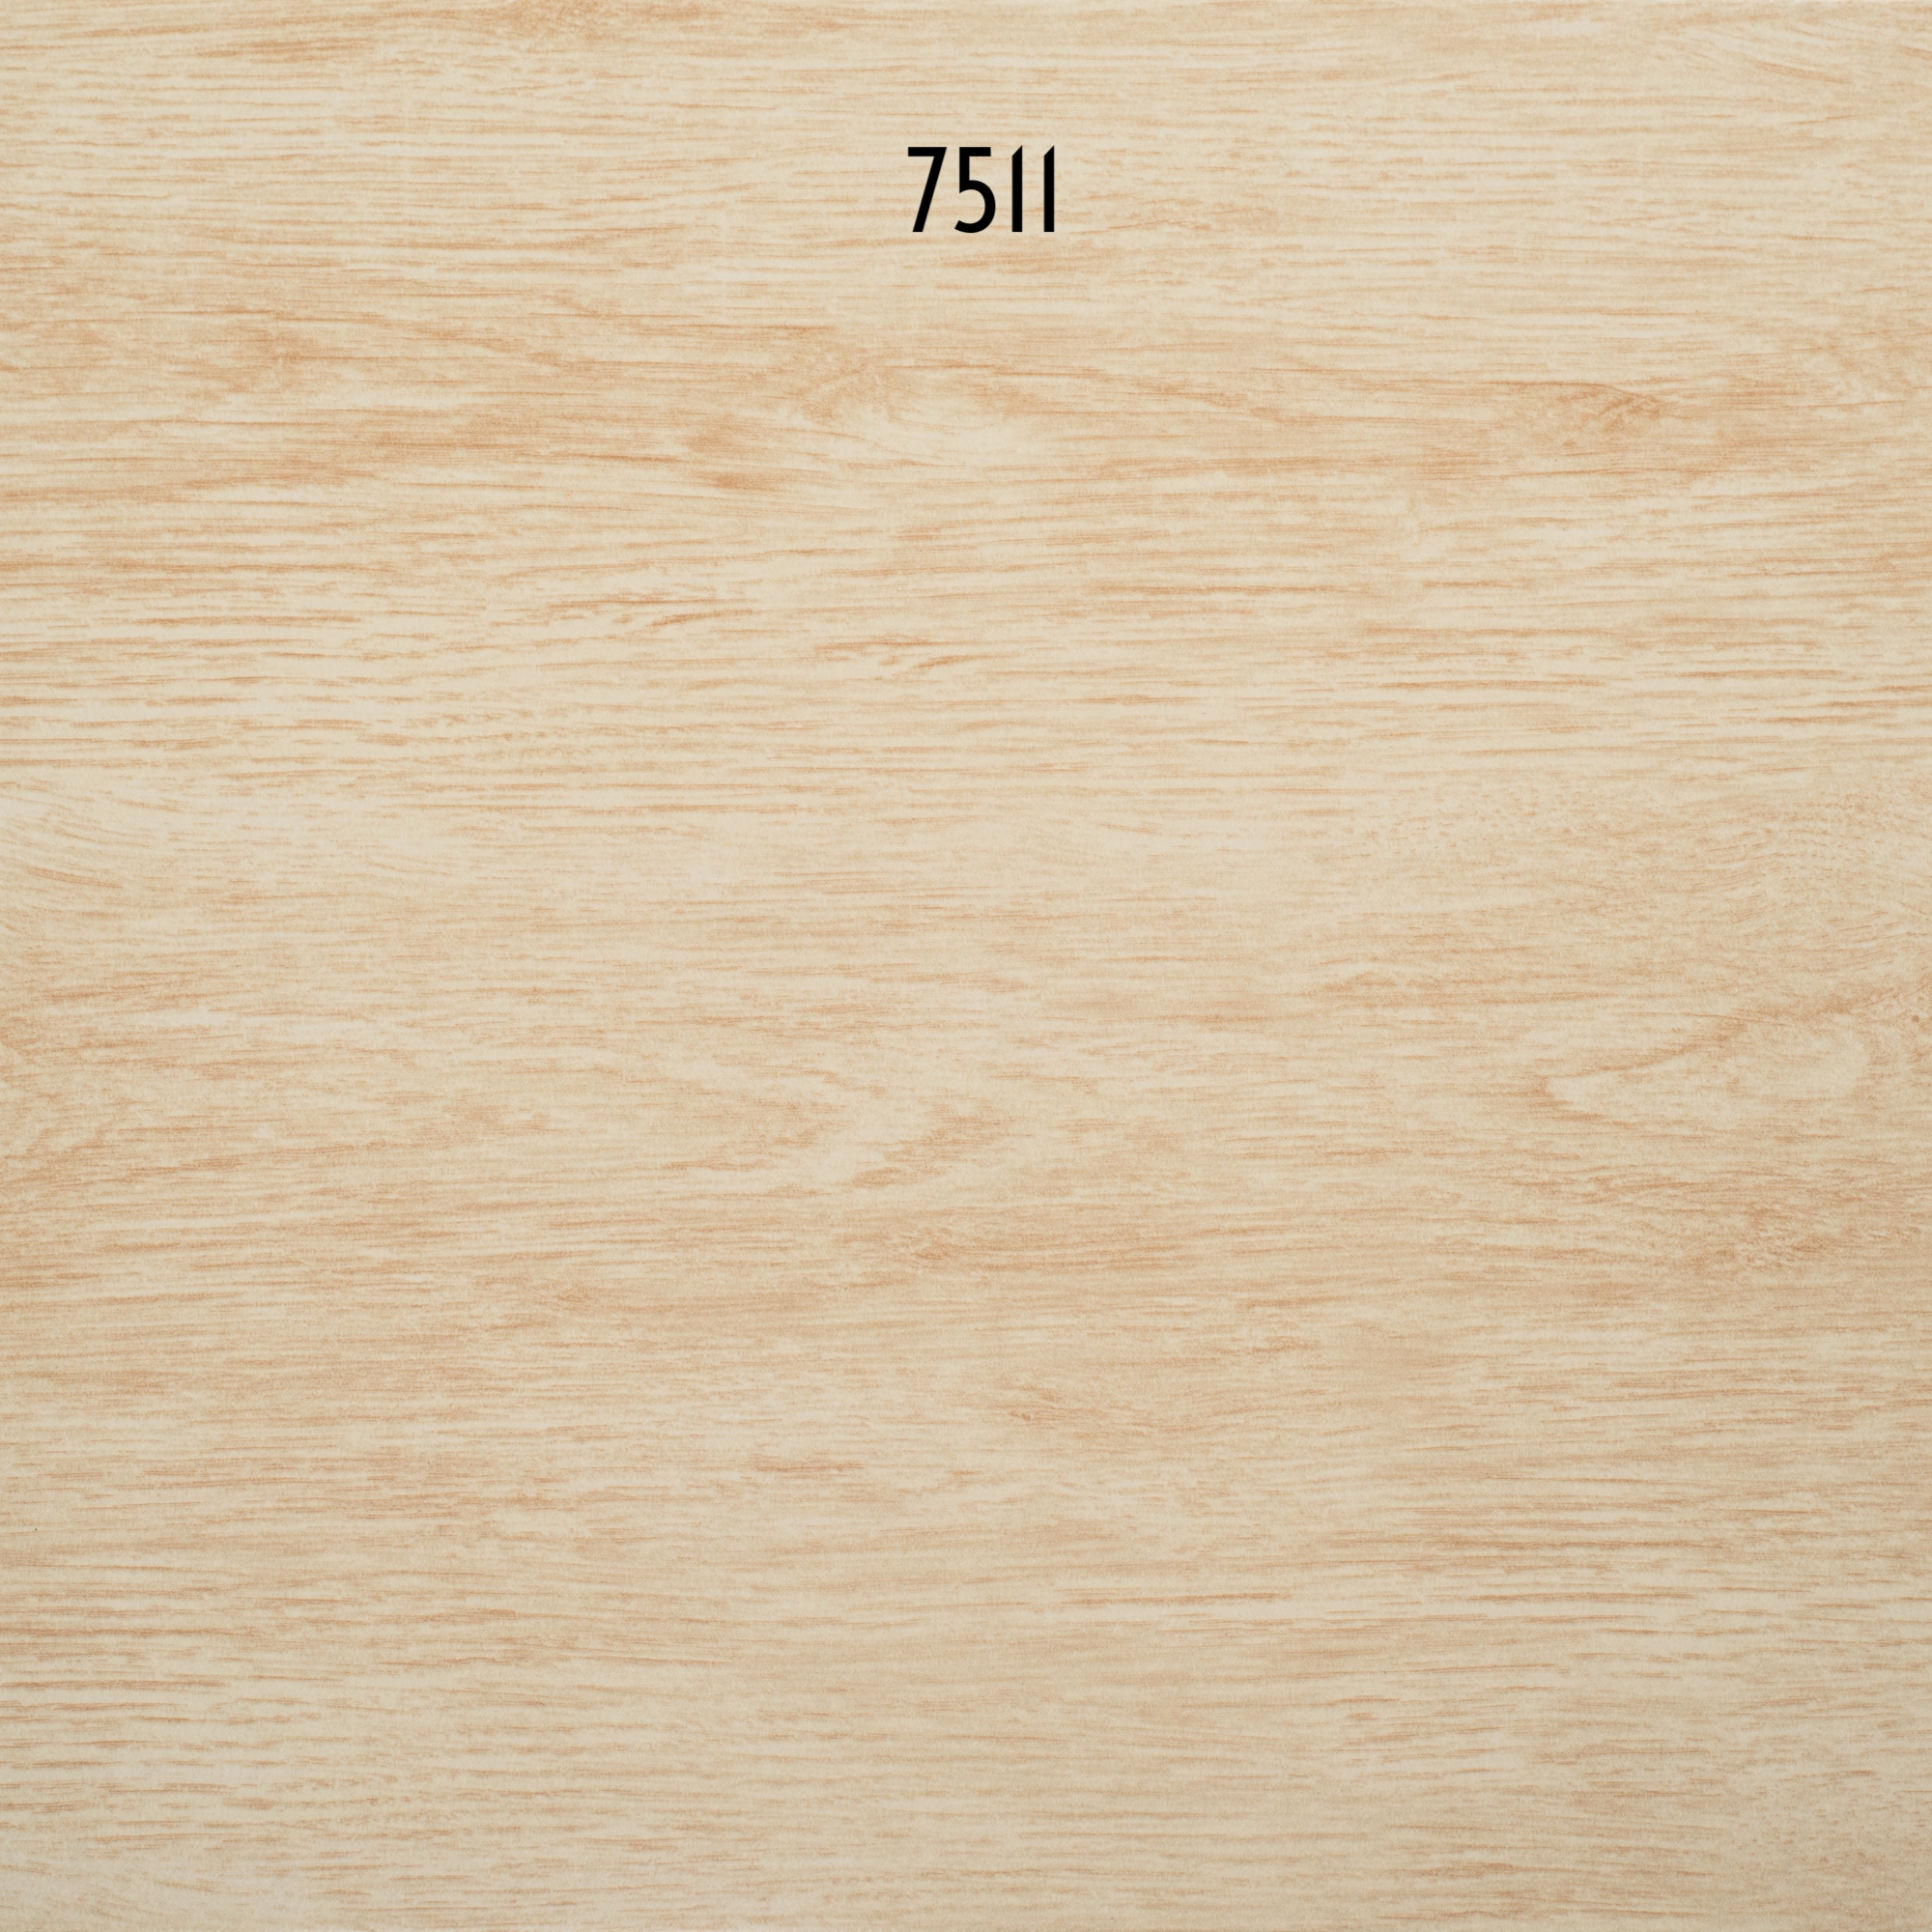 7511.jpg